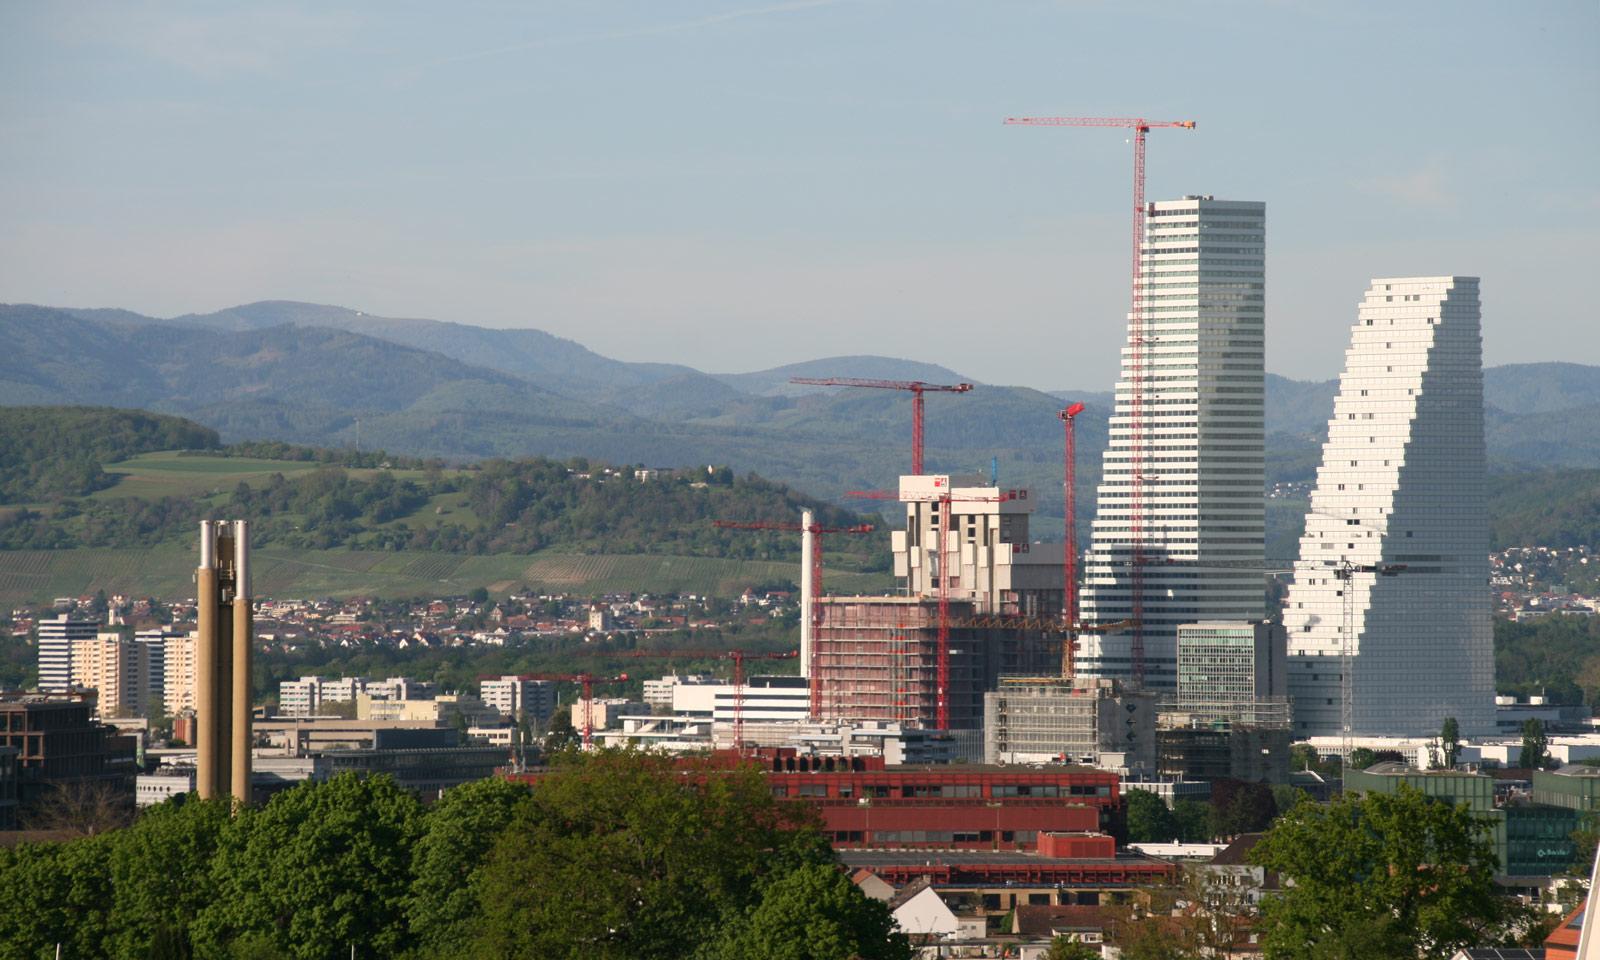 Aussicht auf Basel; Rochetürme